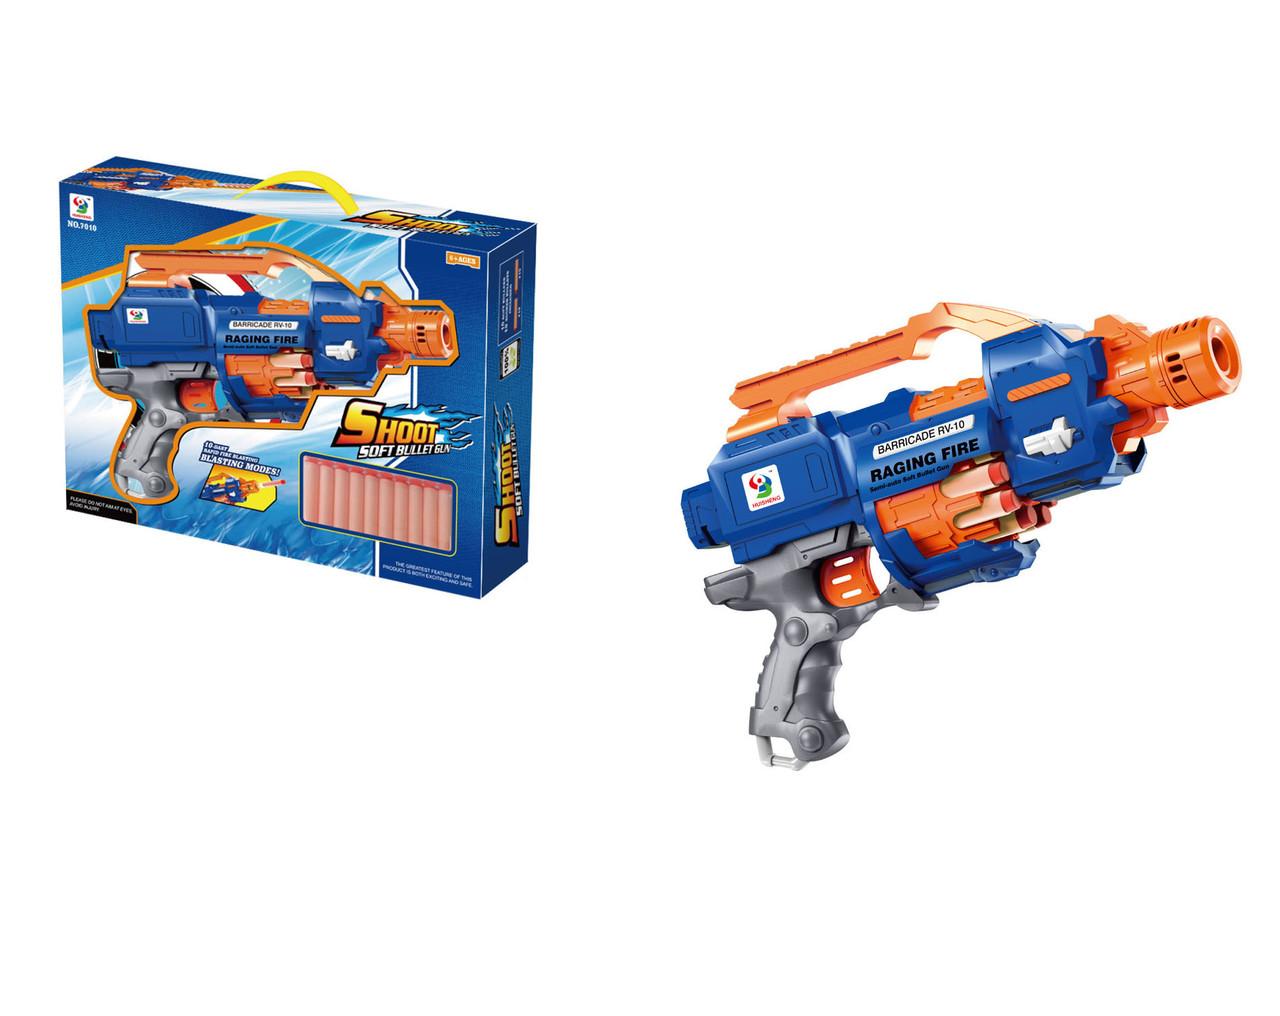 Пистолет игрушечный с барабаном, стреляет мягкими патронами, работает от батарей батарей